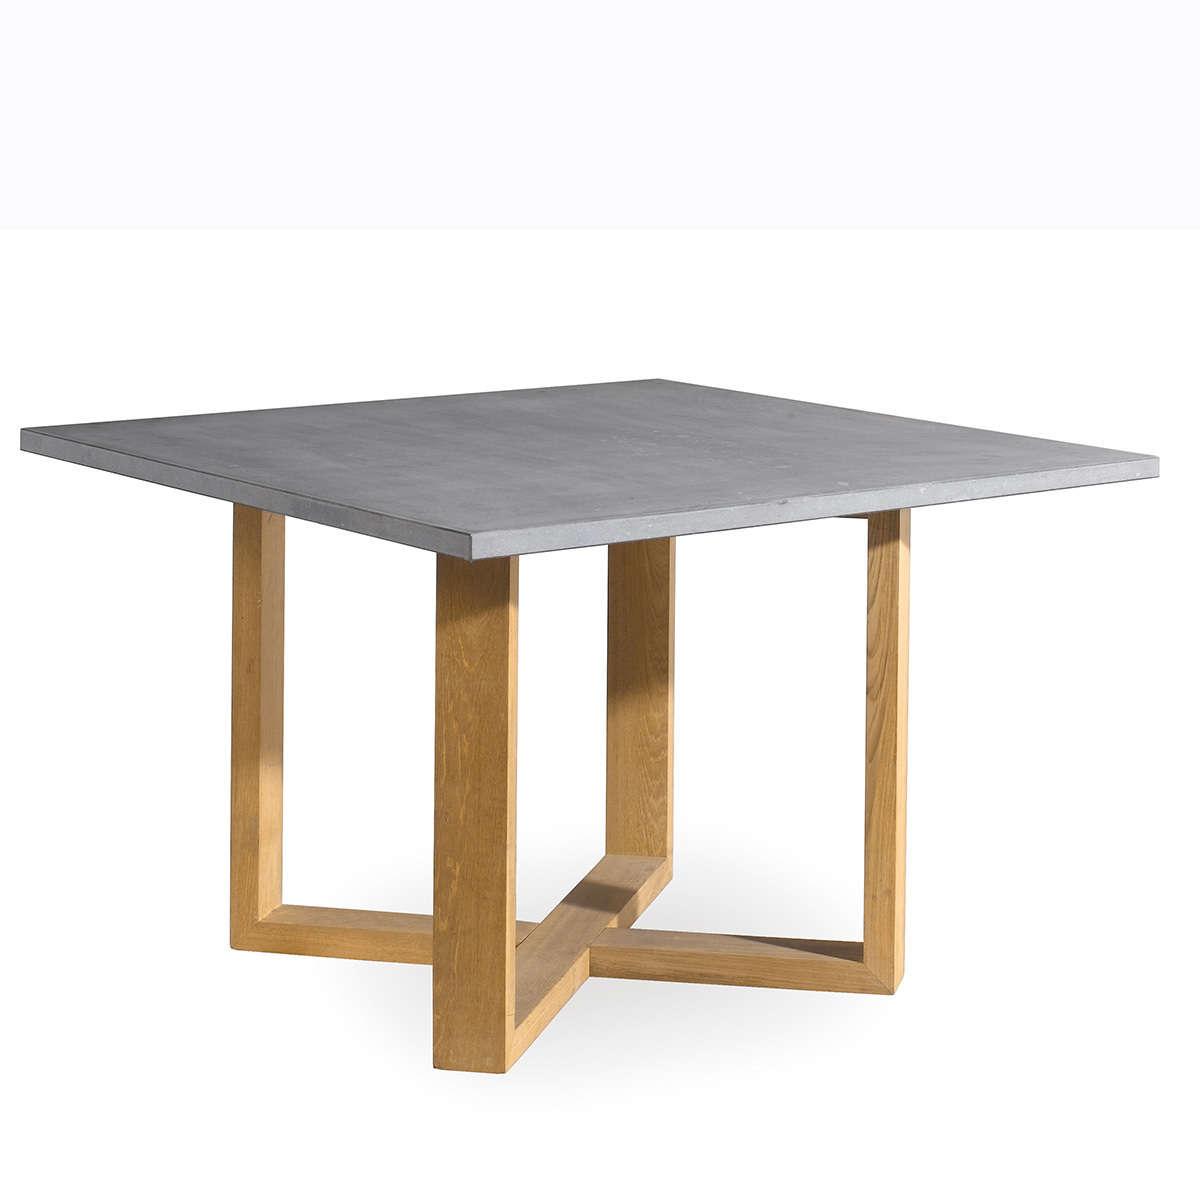 Siena Teak Dining Table